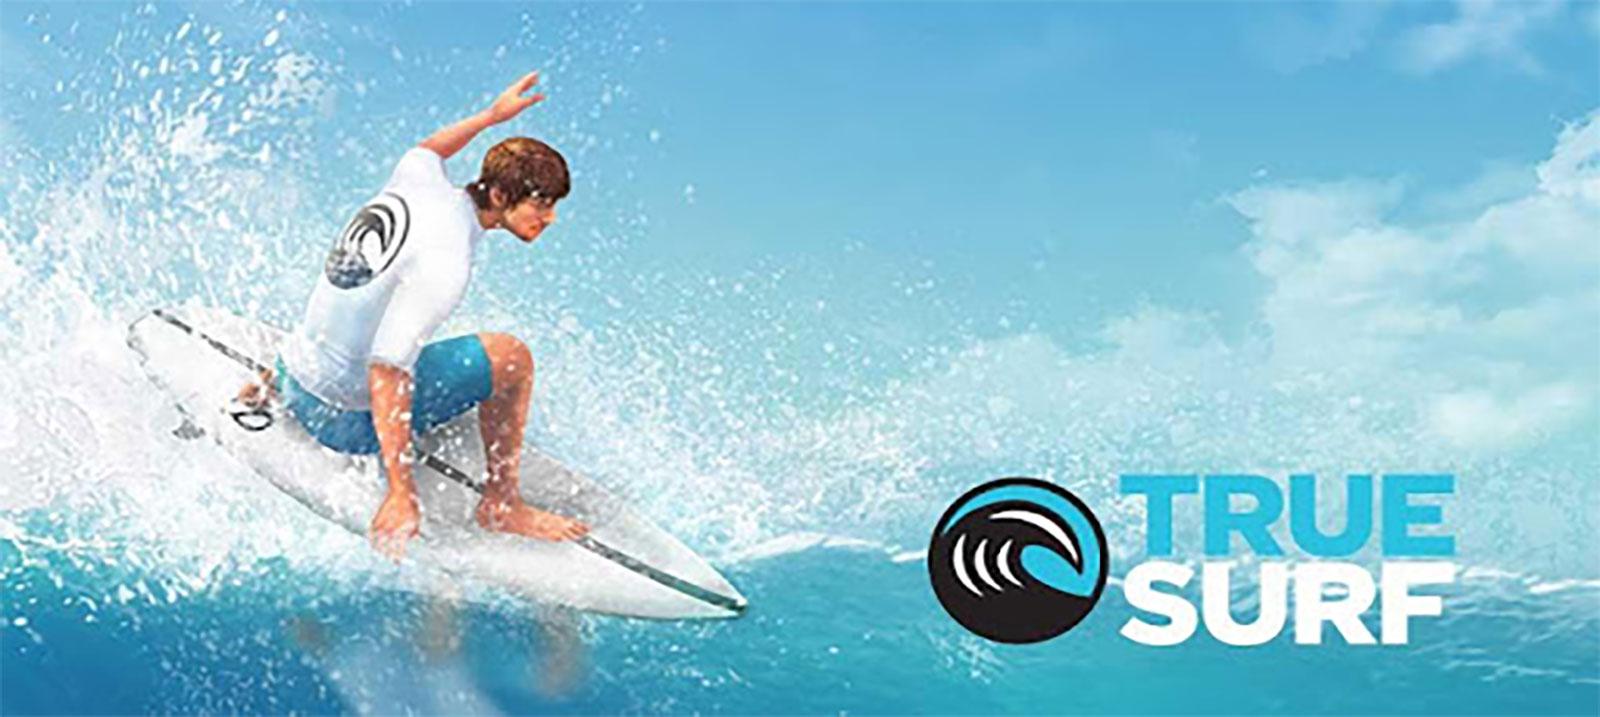 true surf mod apk